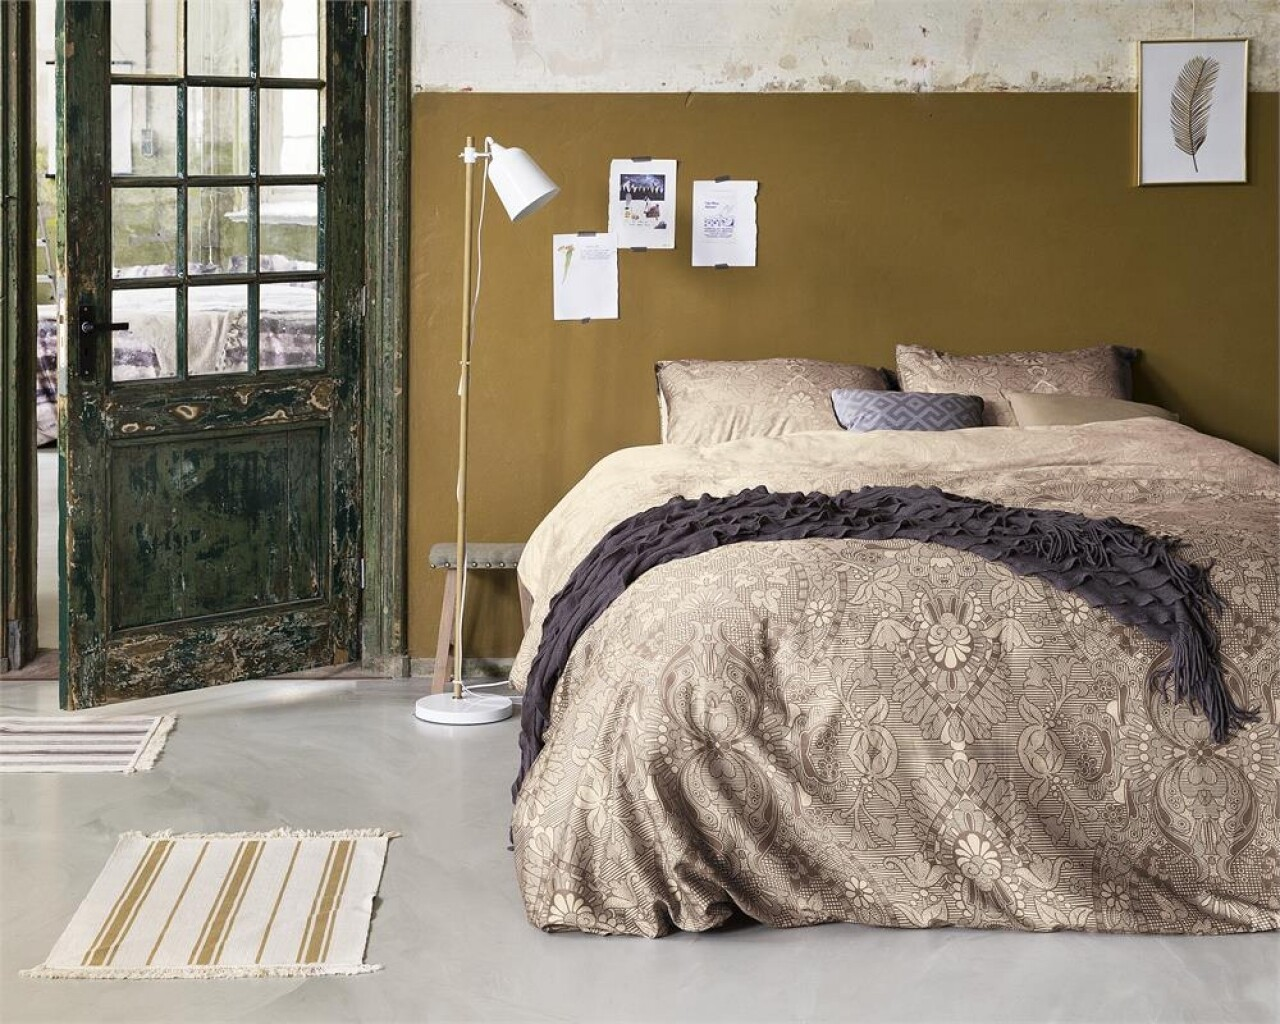 Lenjerie de pat pentru doua persoane Milla Taupe, Primaviera Deluxe, 100% bumbac satinat